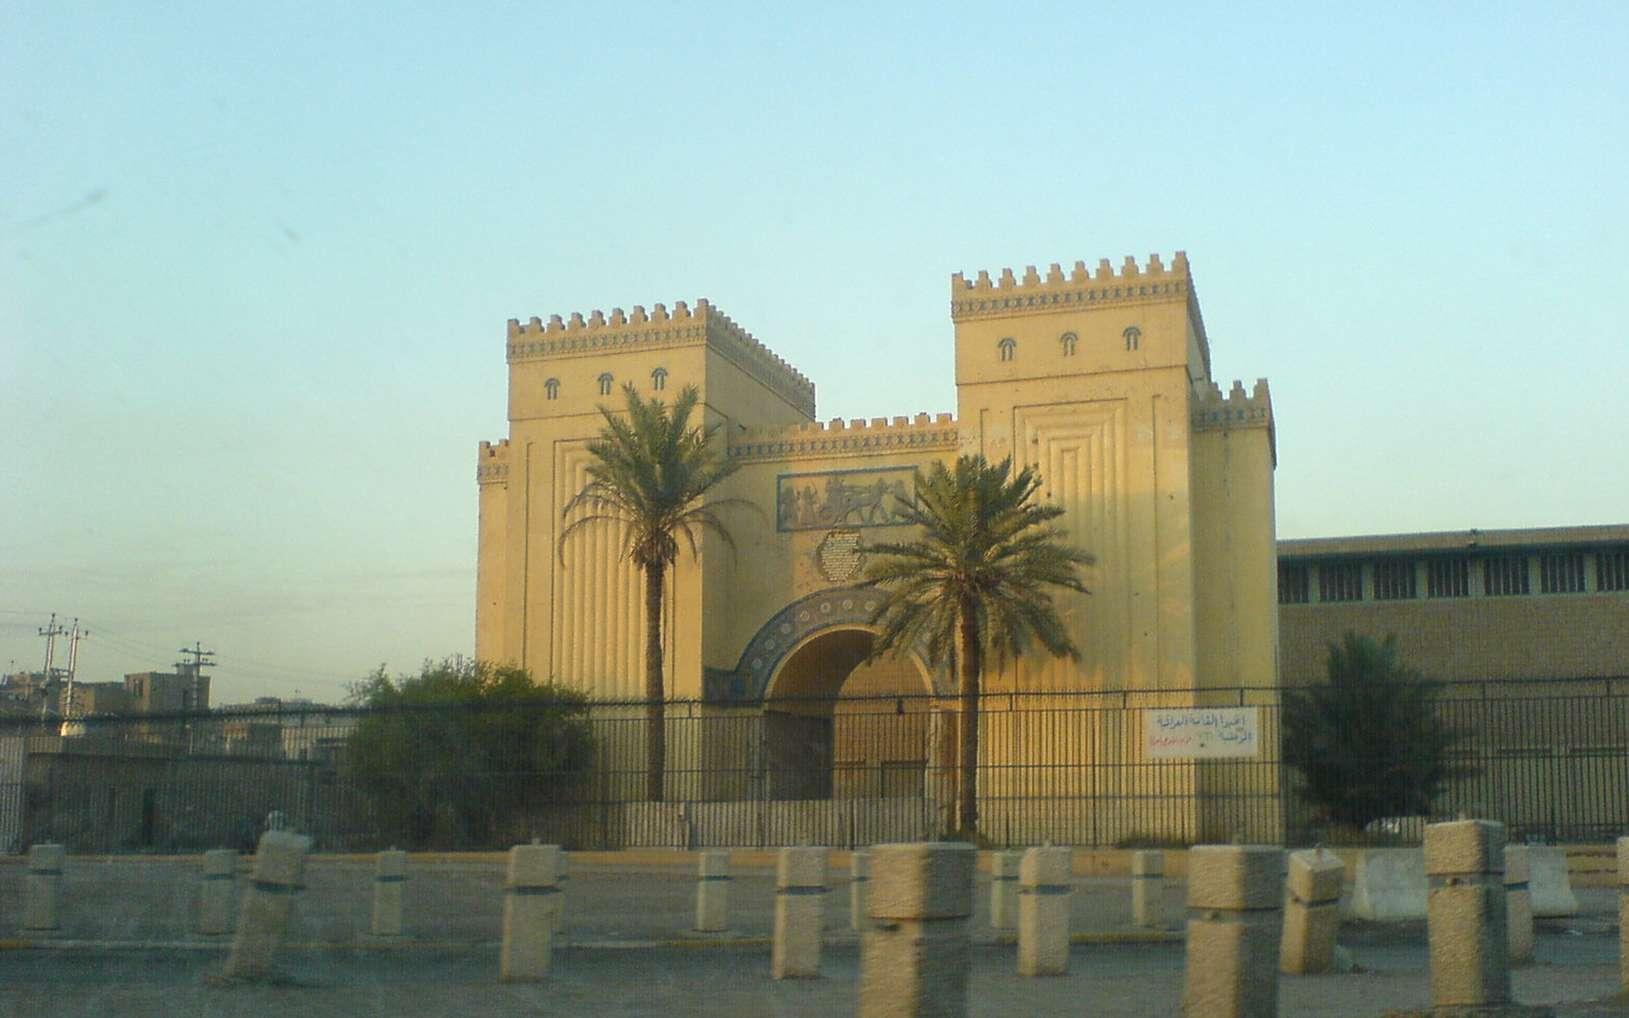 Le Musée national d'Irak abrite les merveilles des civilisations mésopotamiennes. © Licence Commons/Alexknight12